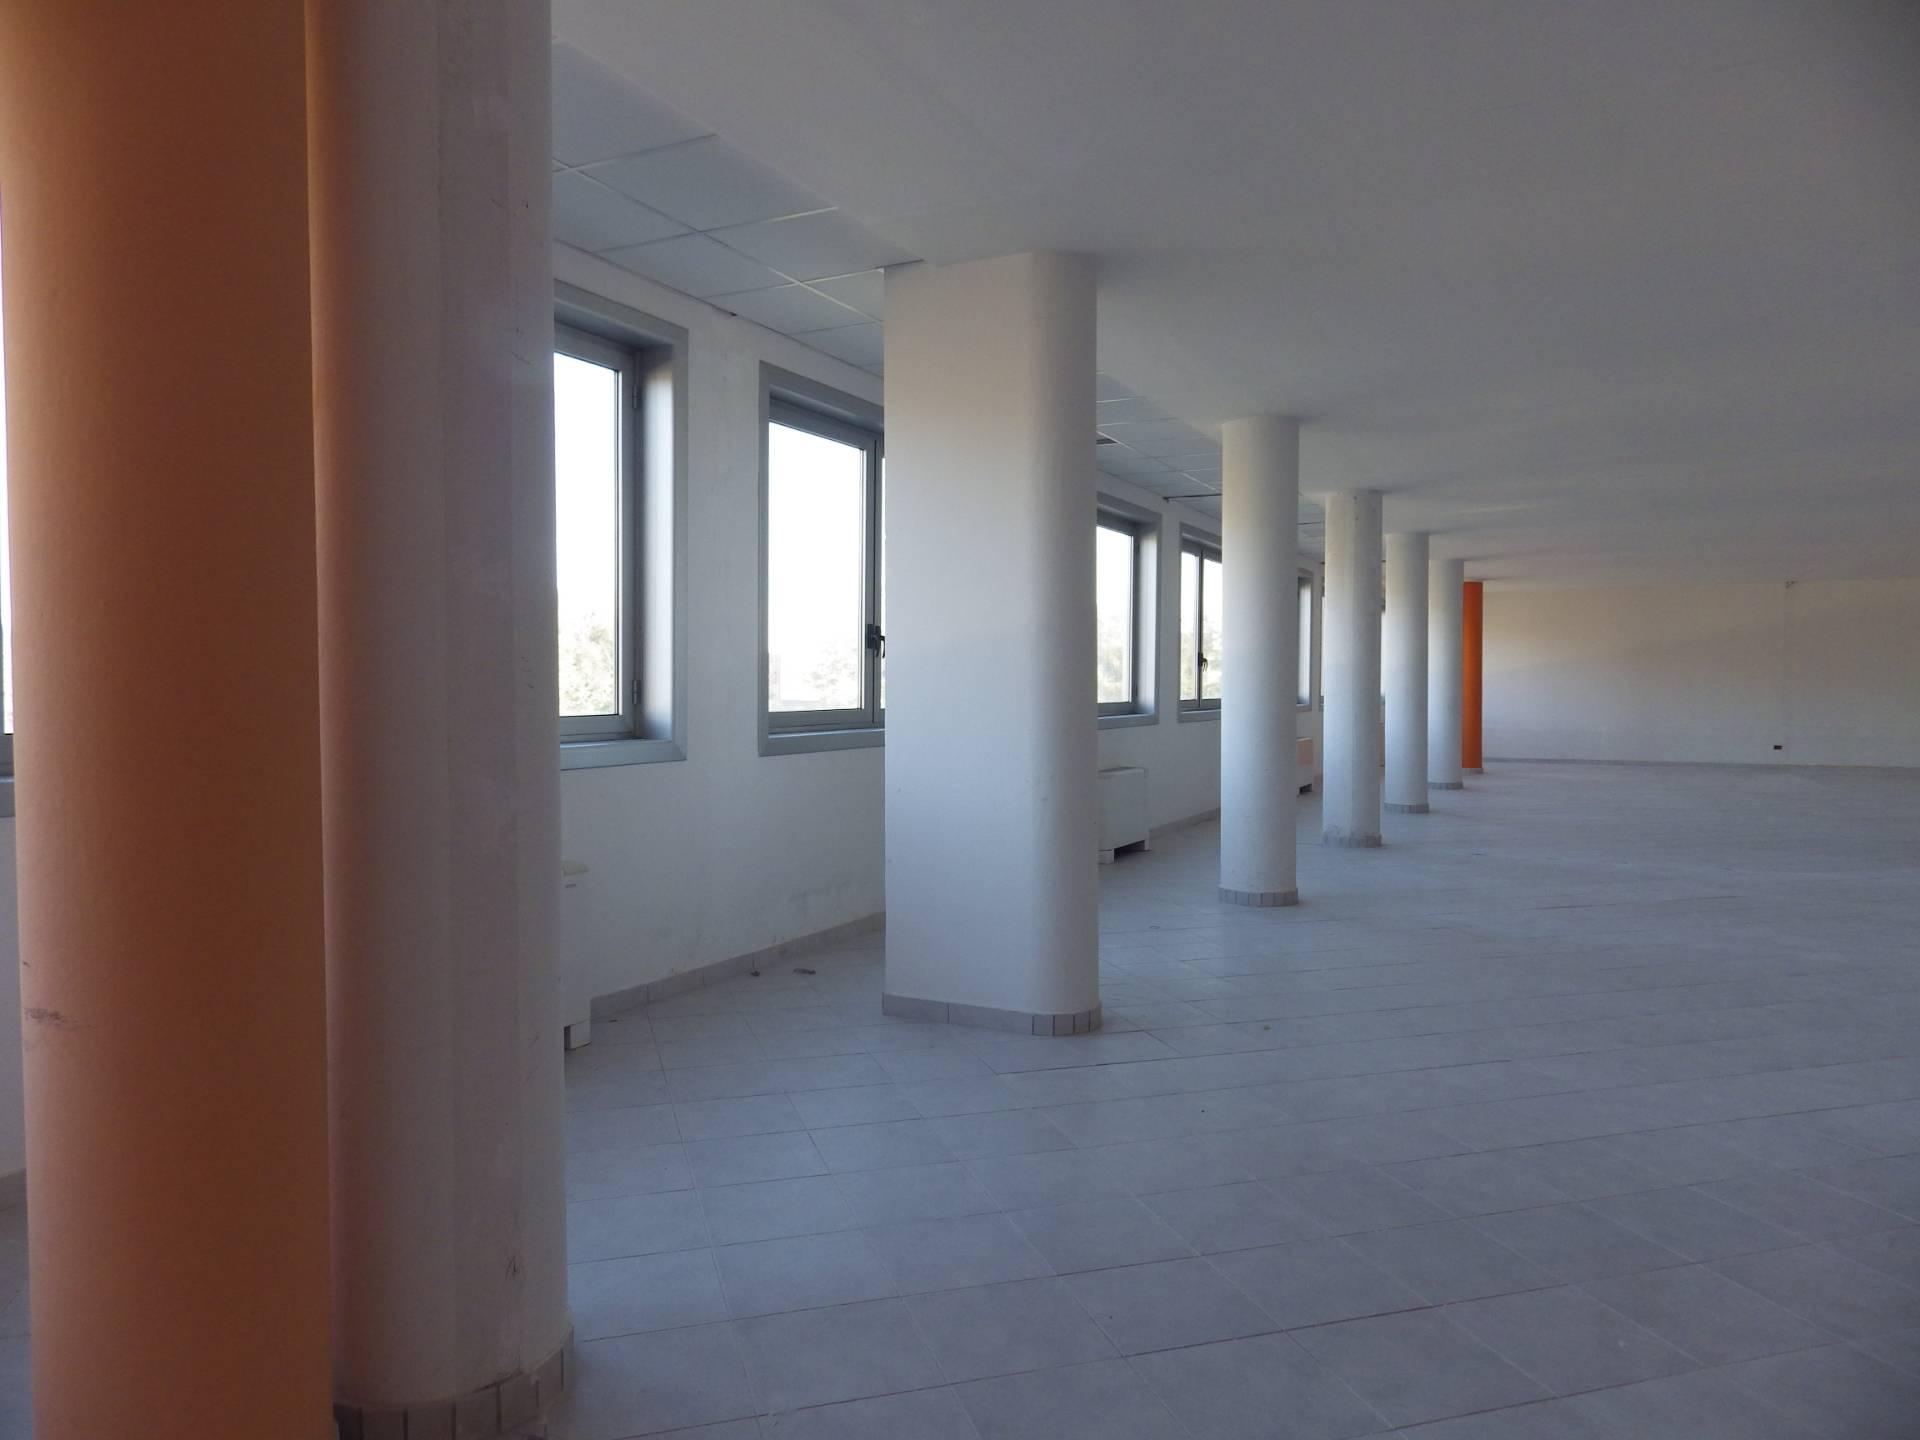 Ufficio / Studio in affitto a Rosta, 9999 locali, zona Località: CorsoMoncenisio, prezzo € 1.500 | CambioCasa.it